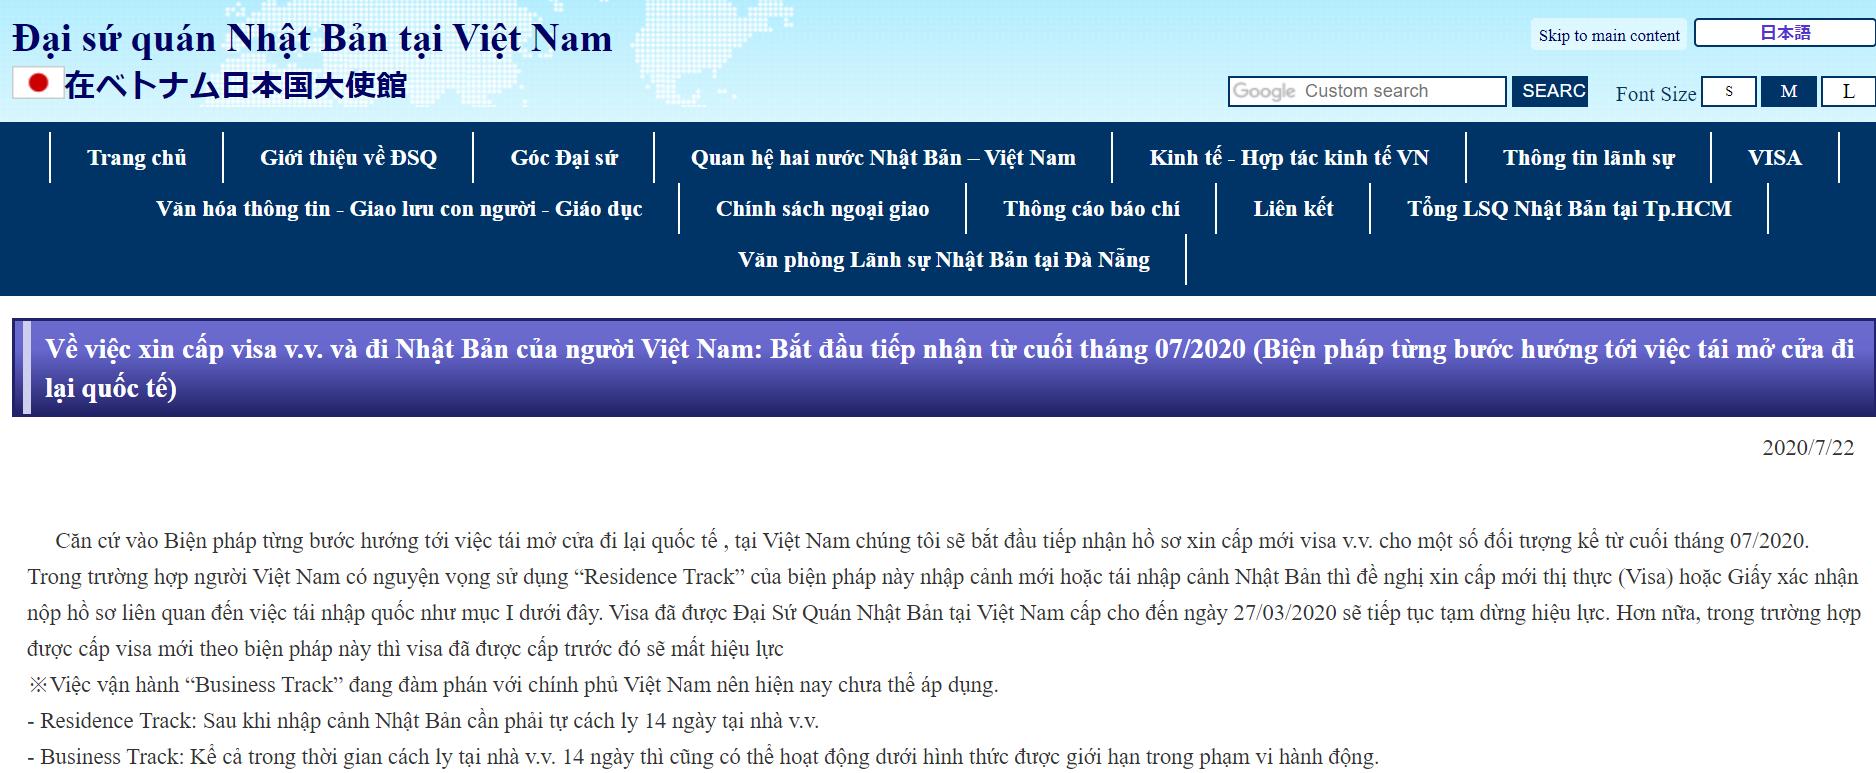 Công dân Việt Nam có thể xin thị thực visa sang Nhật Bản từ cuối tháng 7